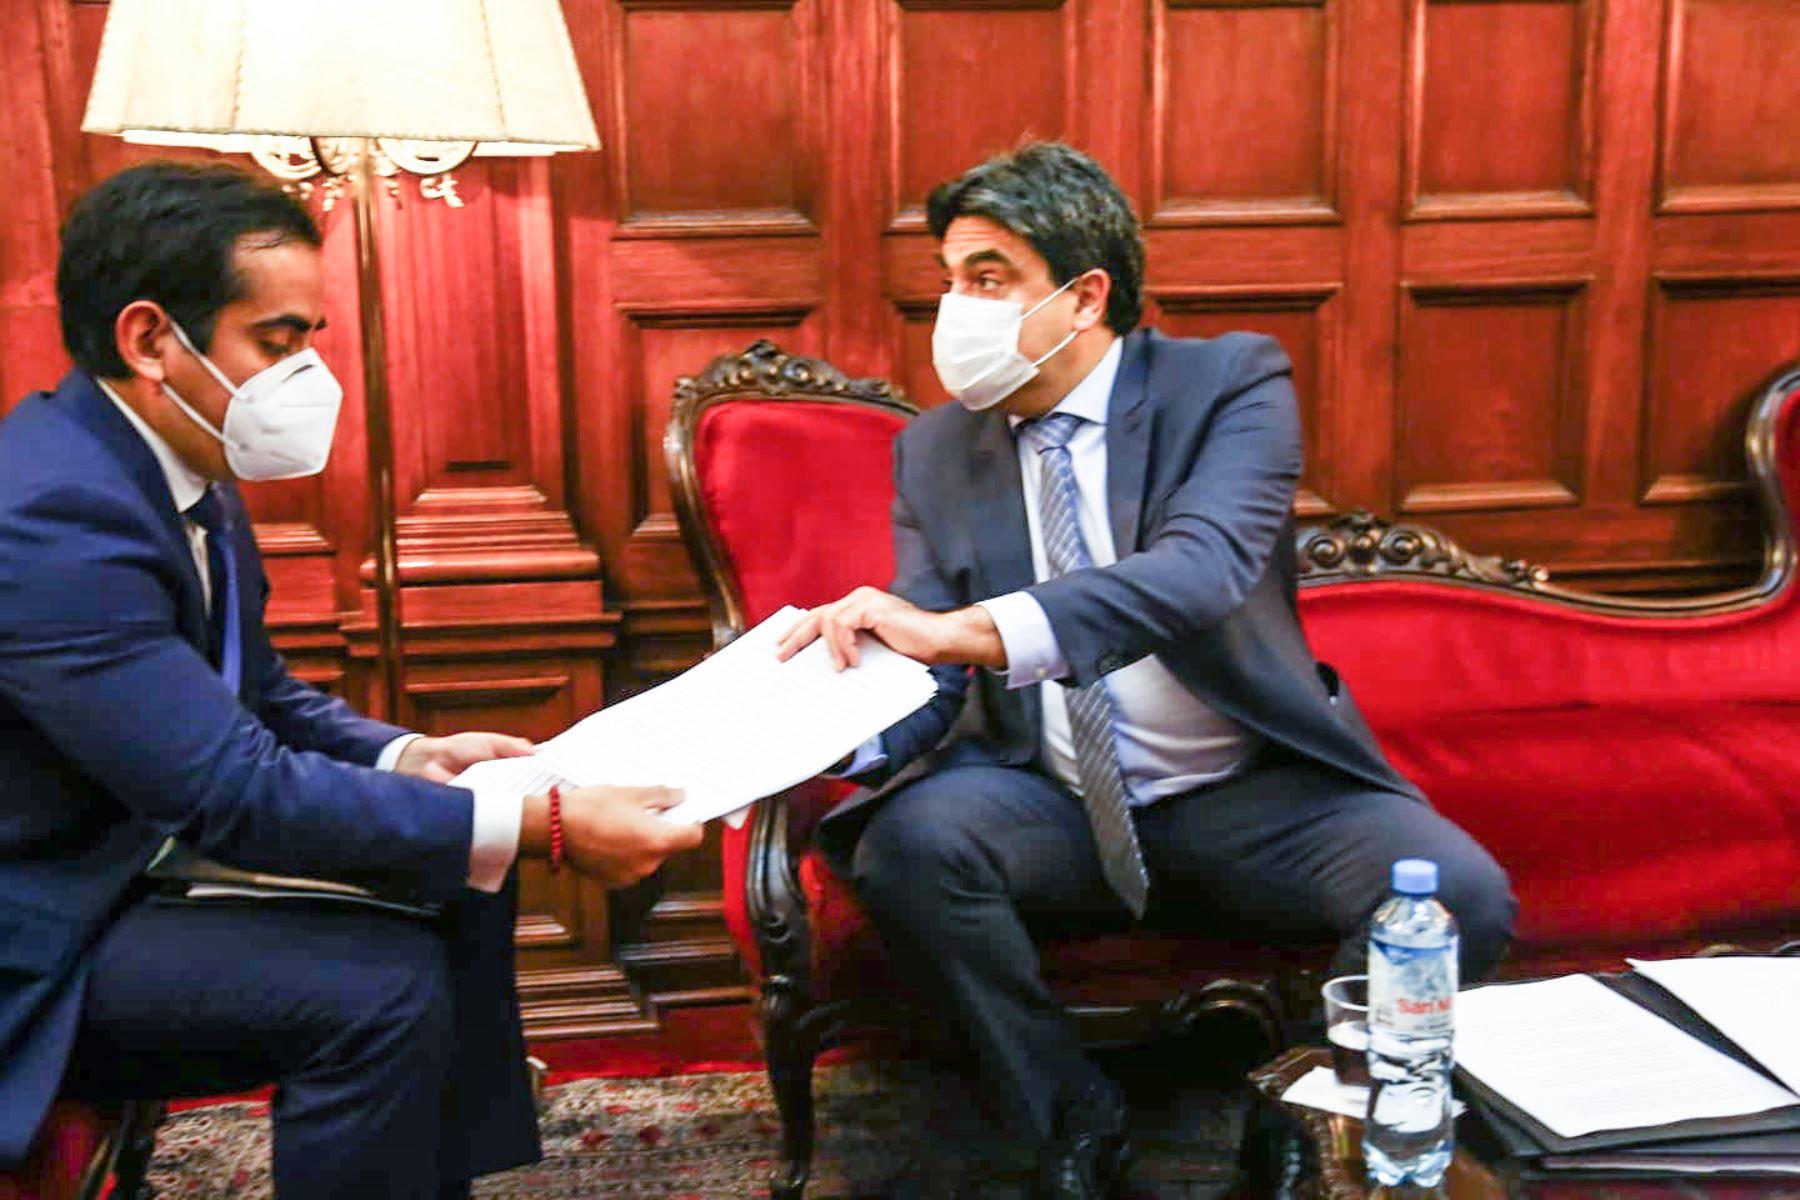 Llegó al Parlamento el ministro de Educación, Martín Benavides, para responder el pliego de interpelación ante el pleno vitual. Foto: Congreso de la República